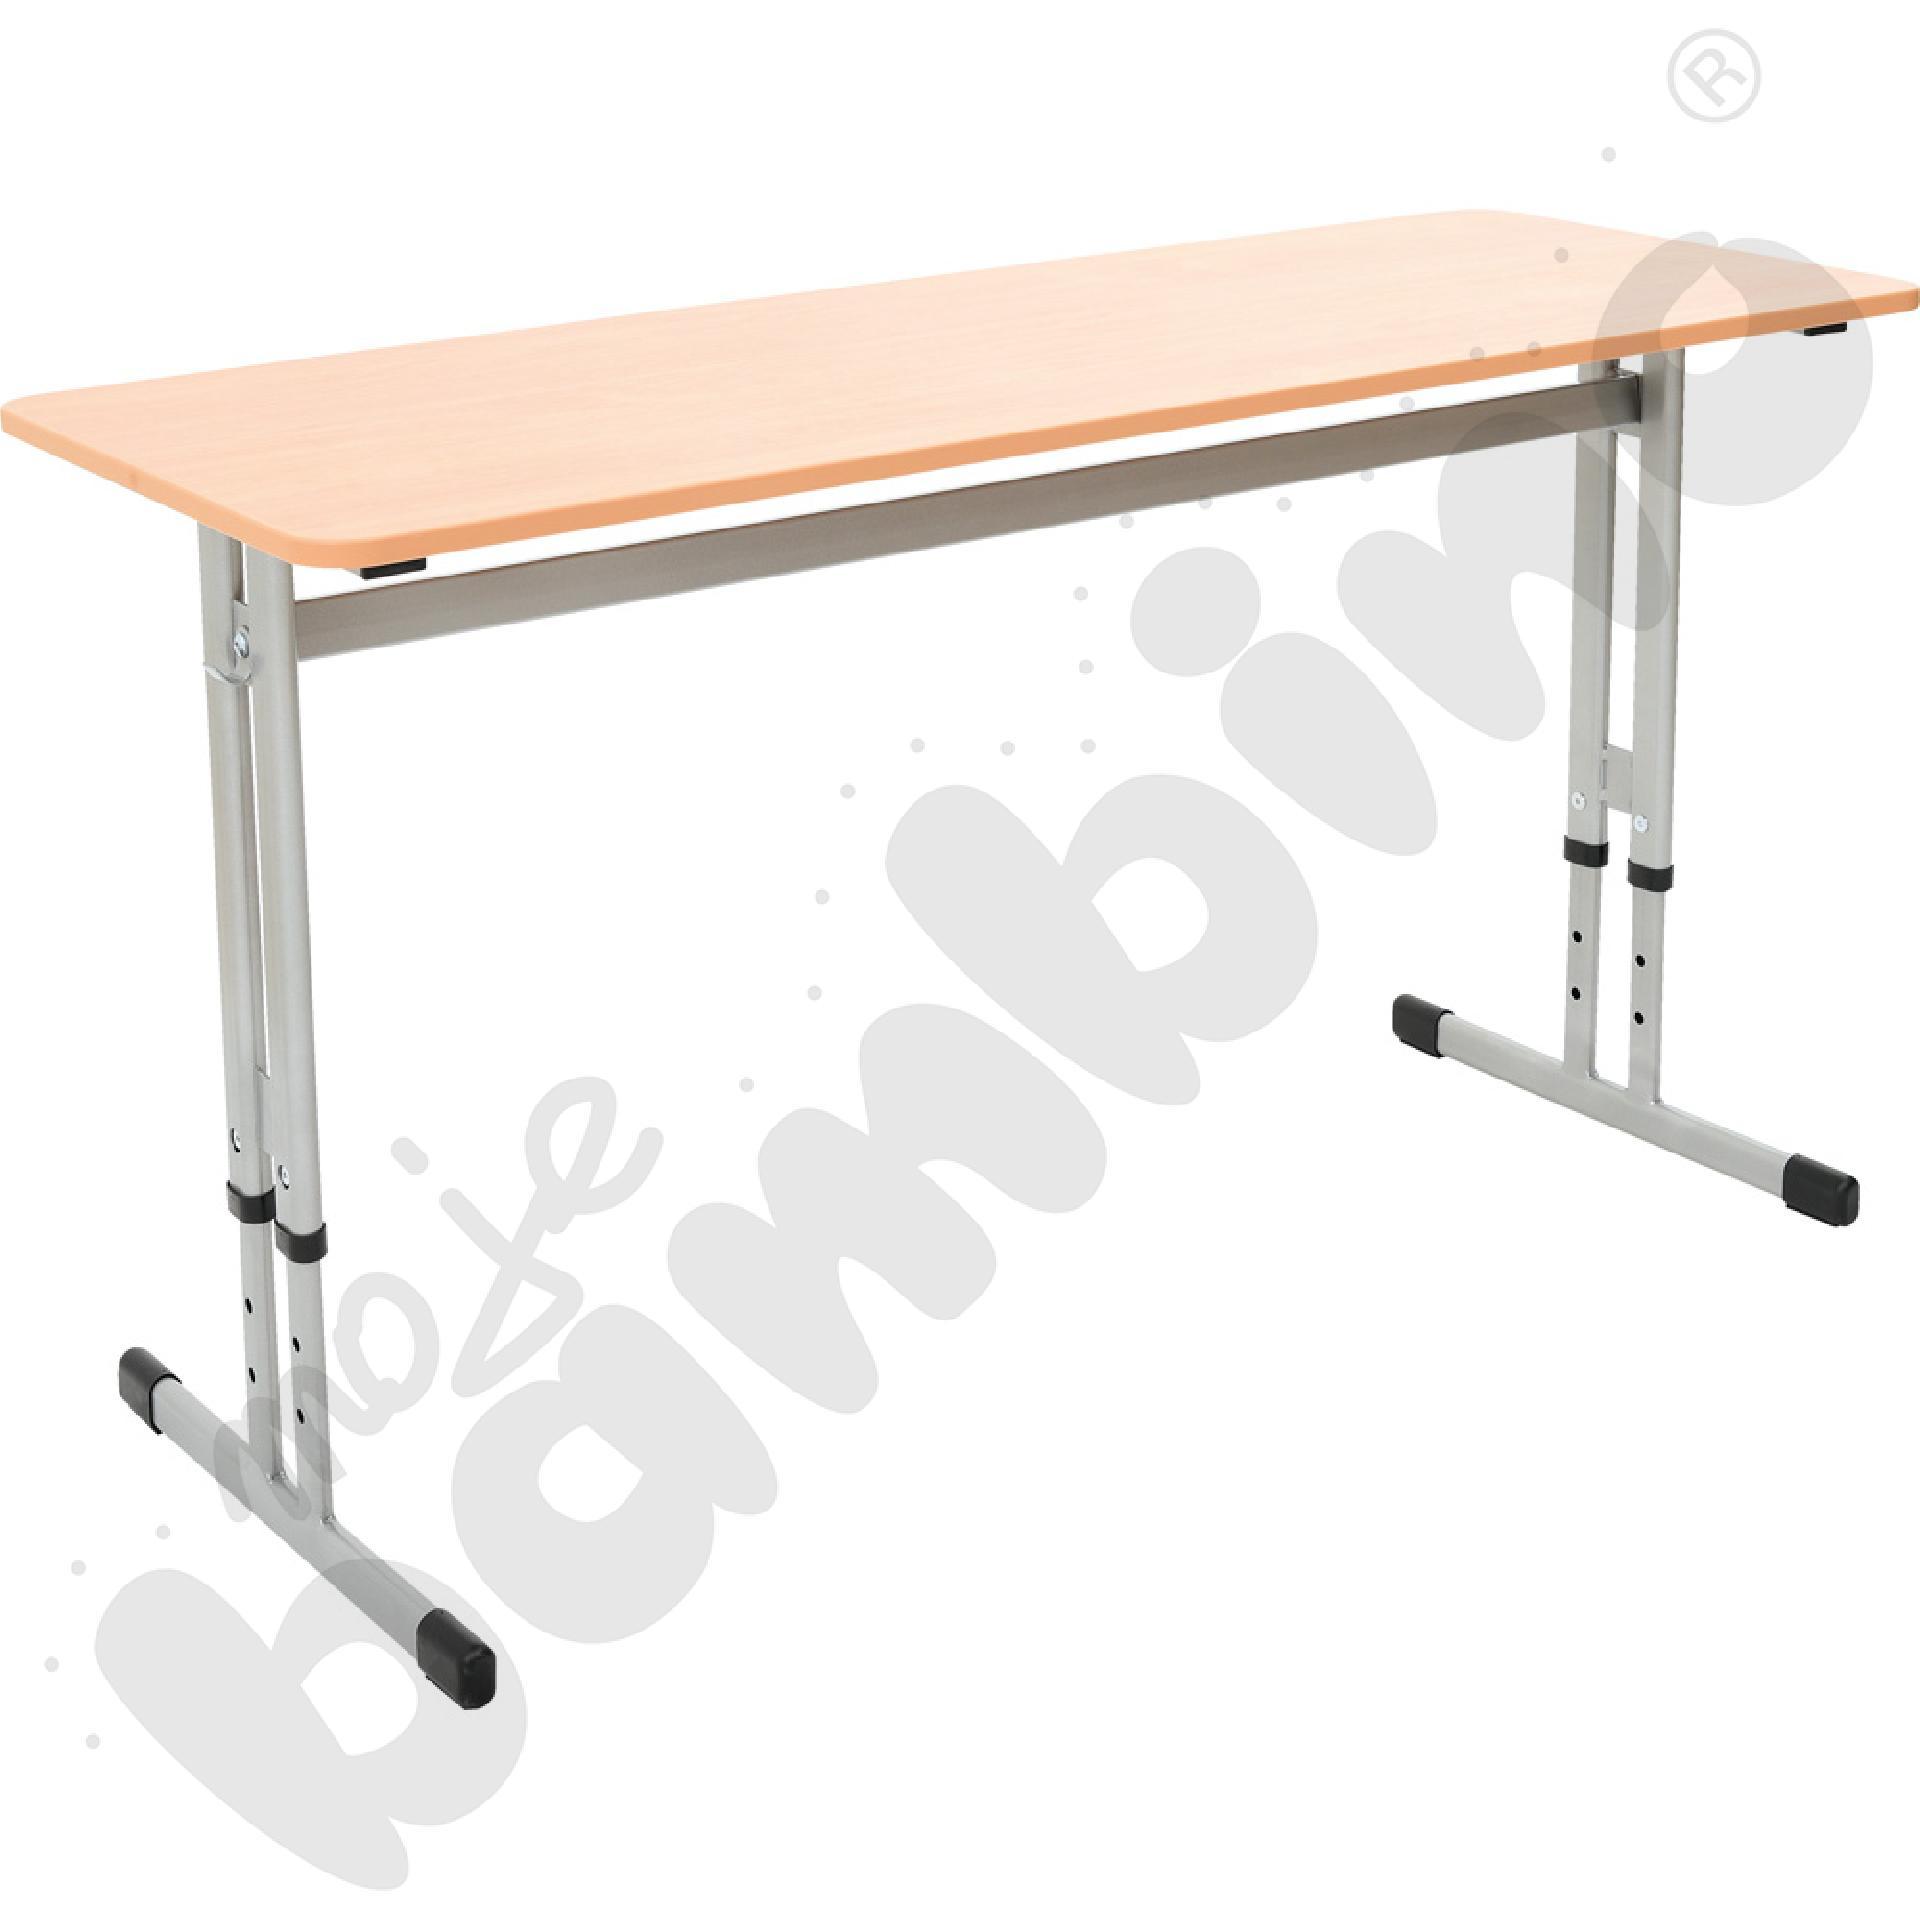 Stół IN-R PU 2-os. z reg. wys. 3-7 srebrny